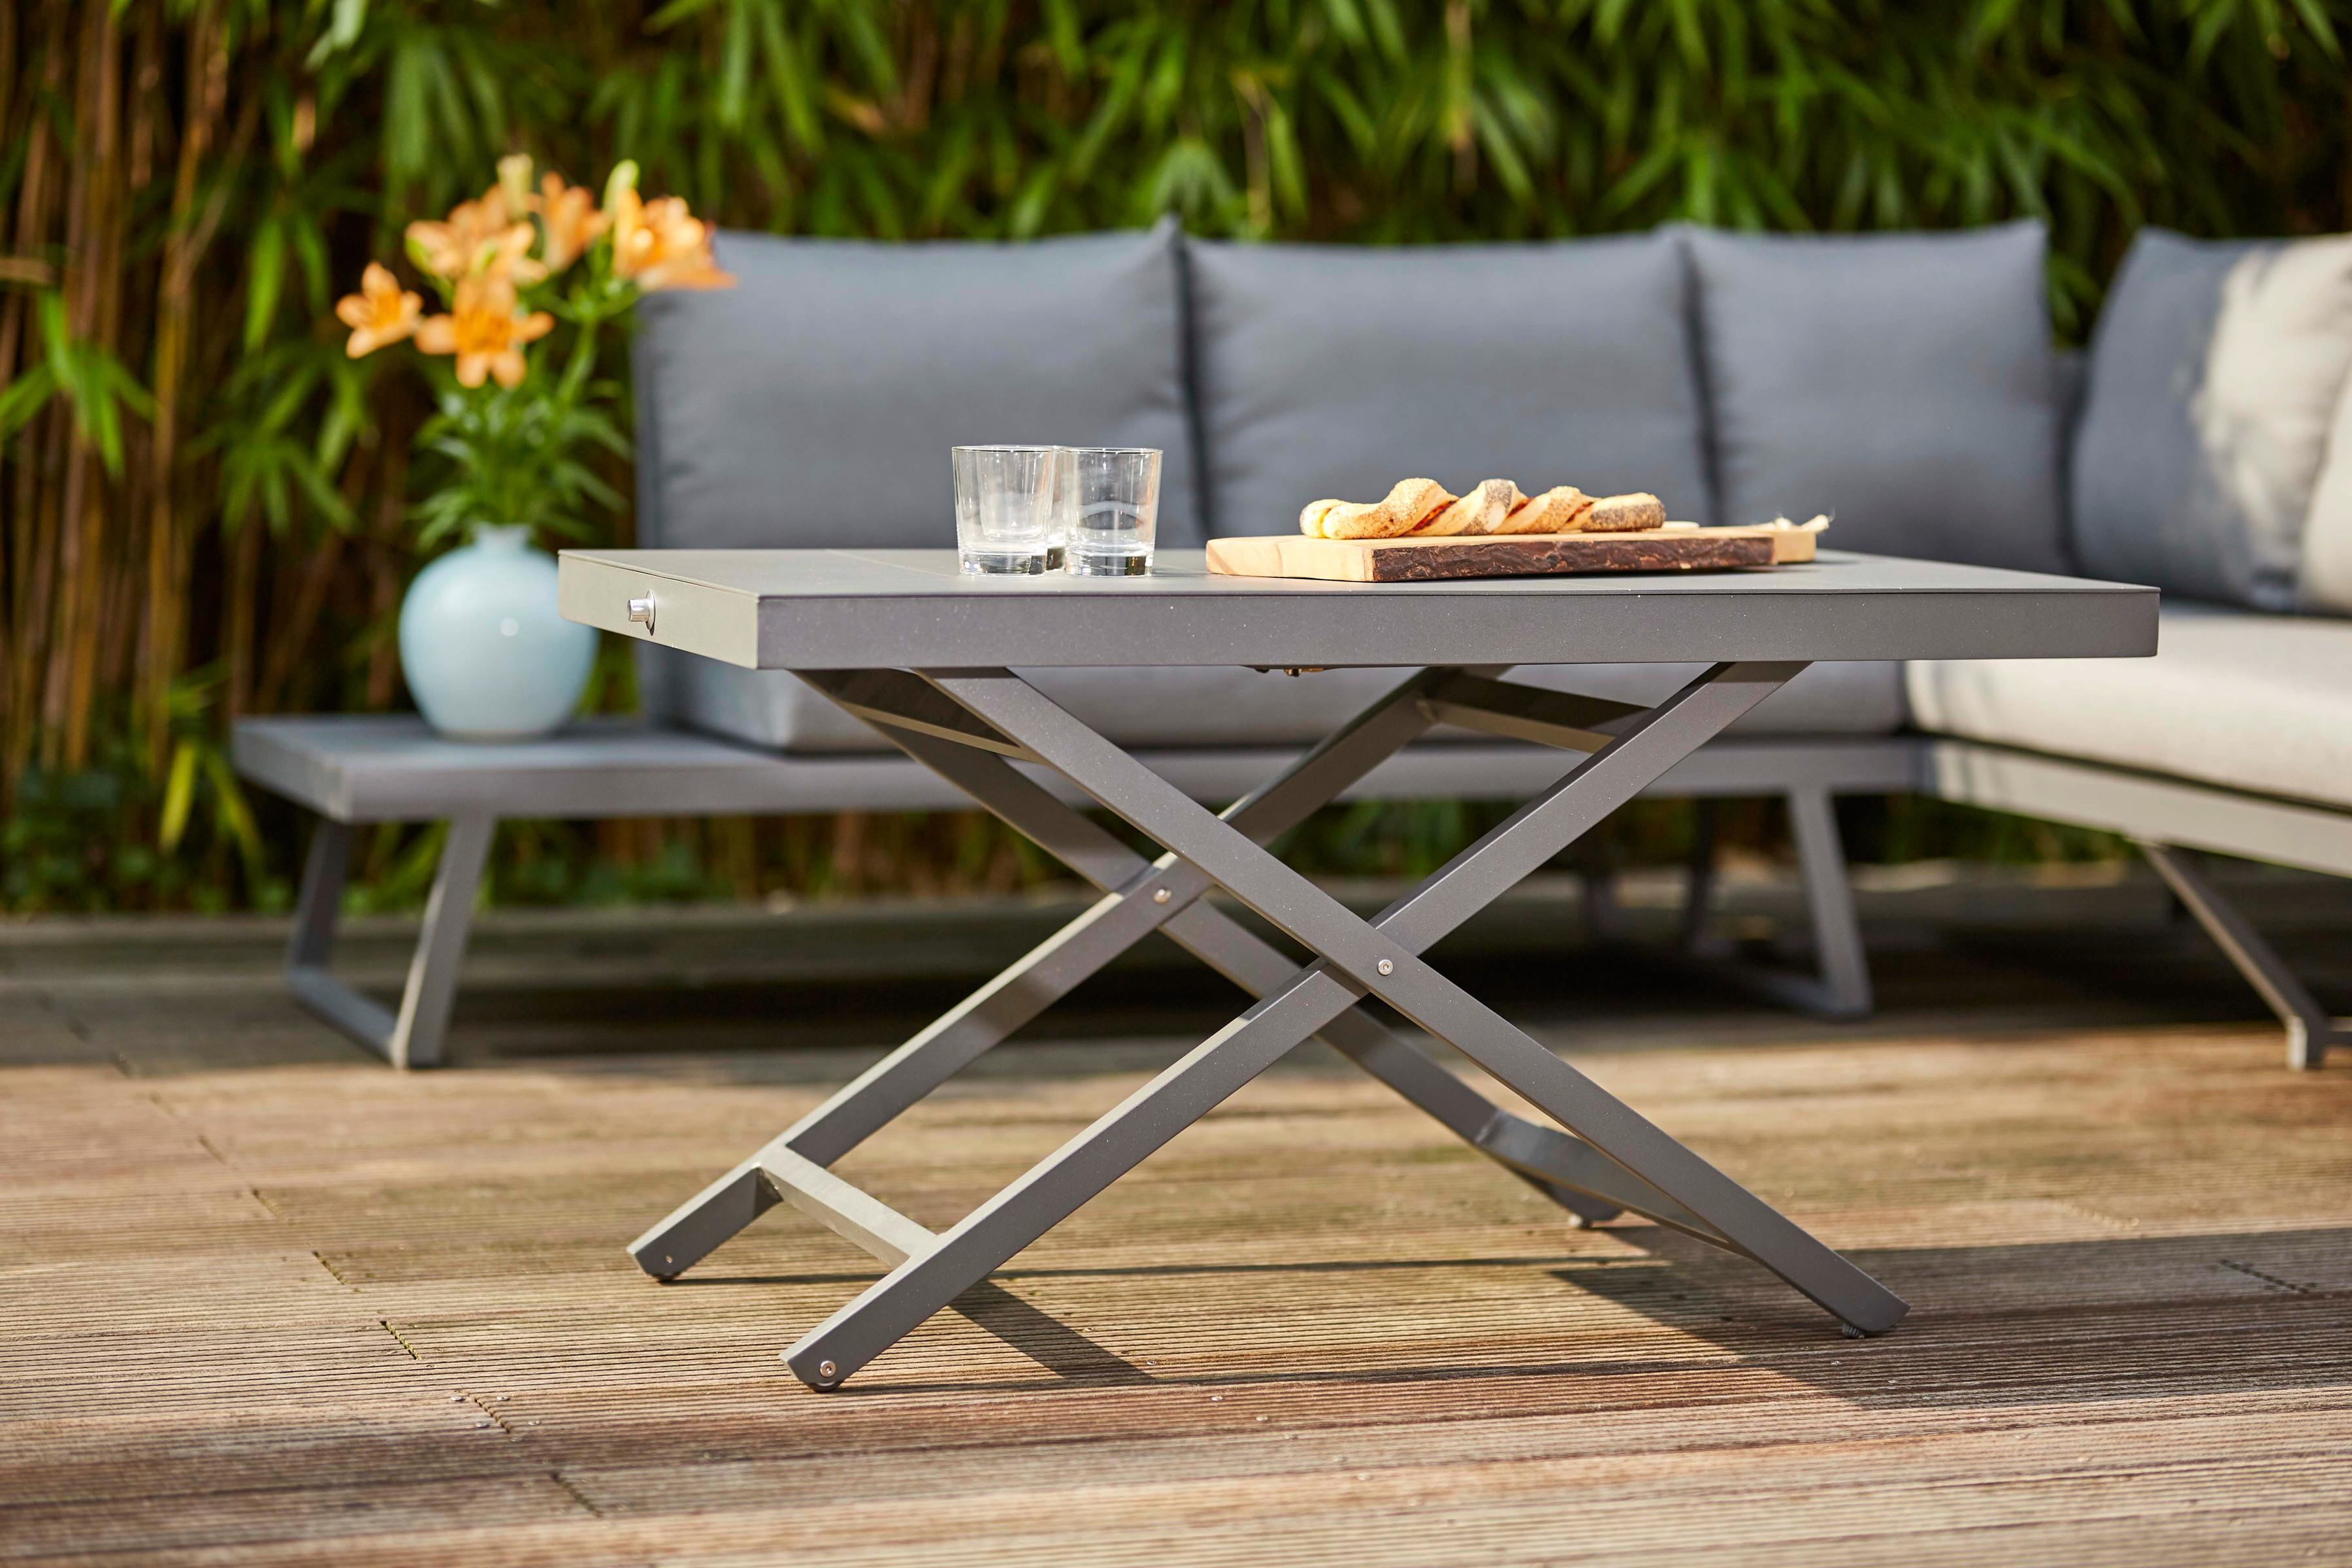 SIENA GARDEN Gartentisch Larina Aluminium stufenlos verstellbar 110x60 cm